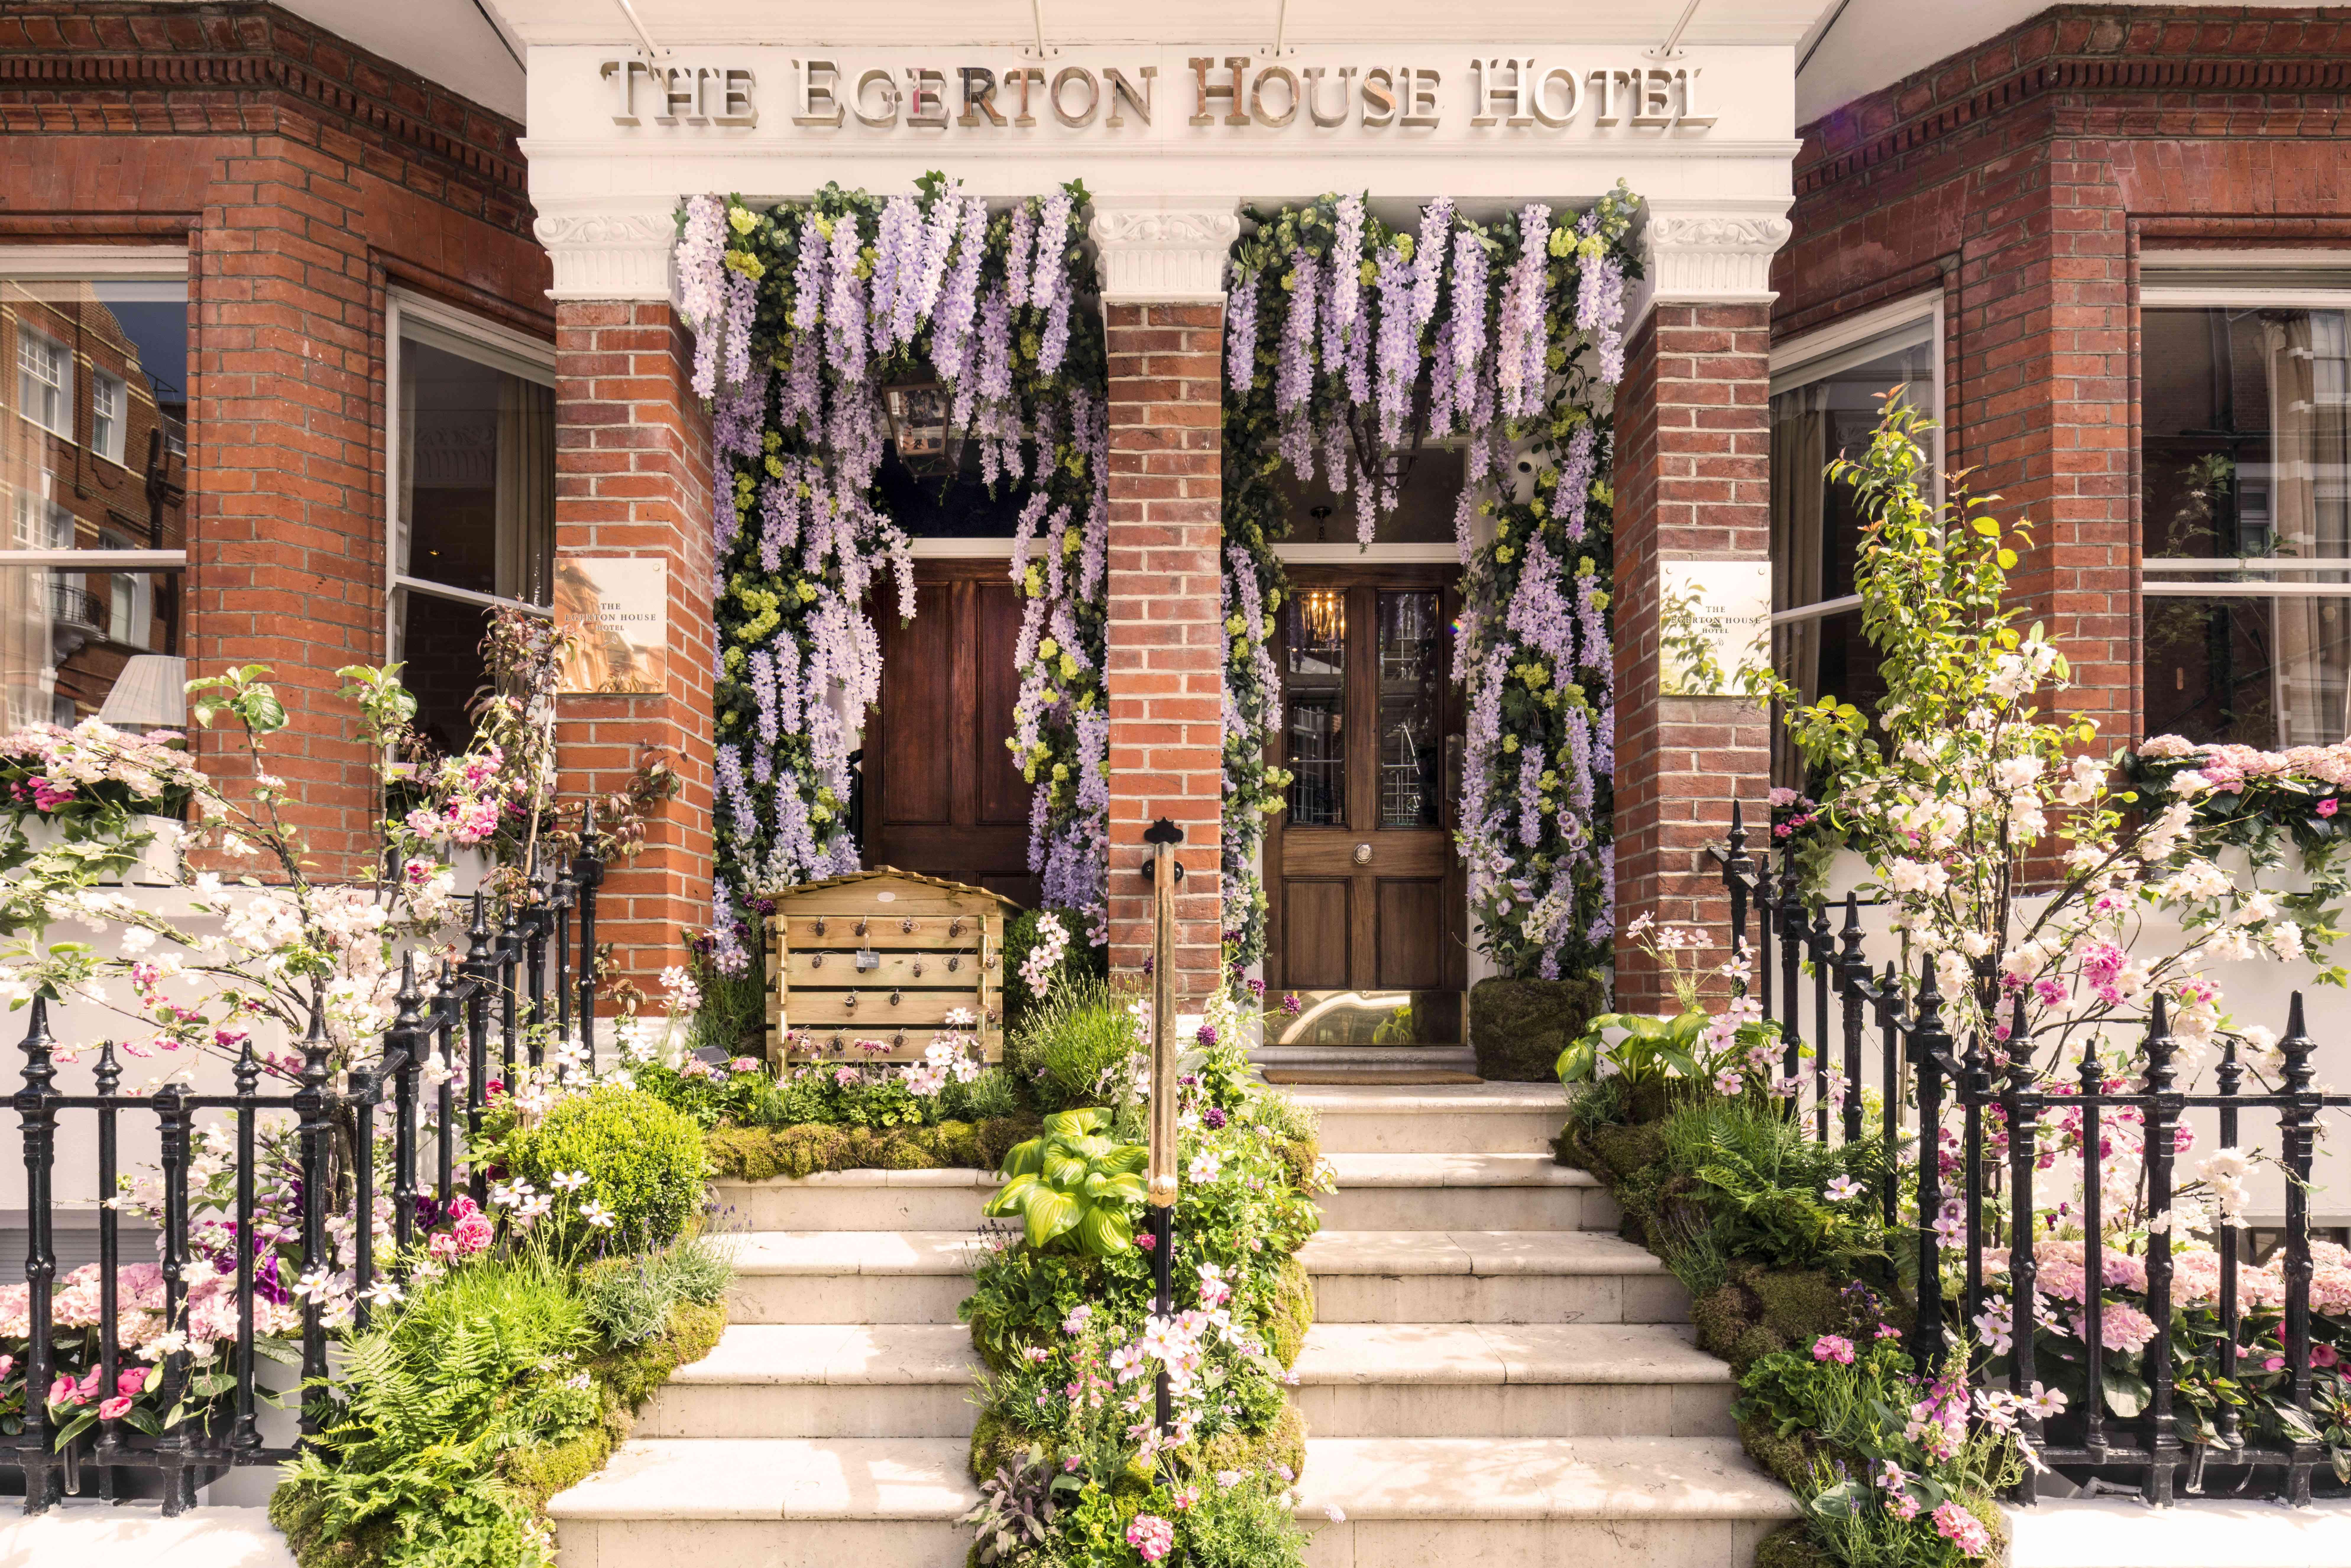 The Egerton Garden exterior